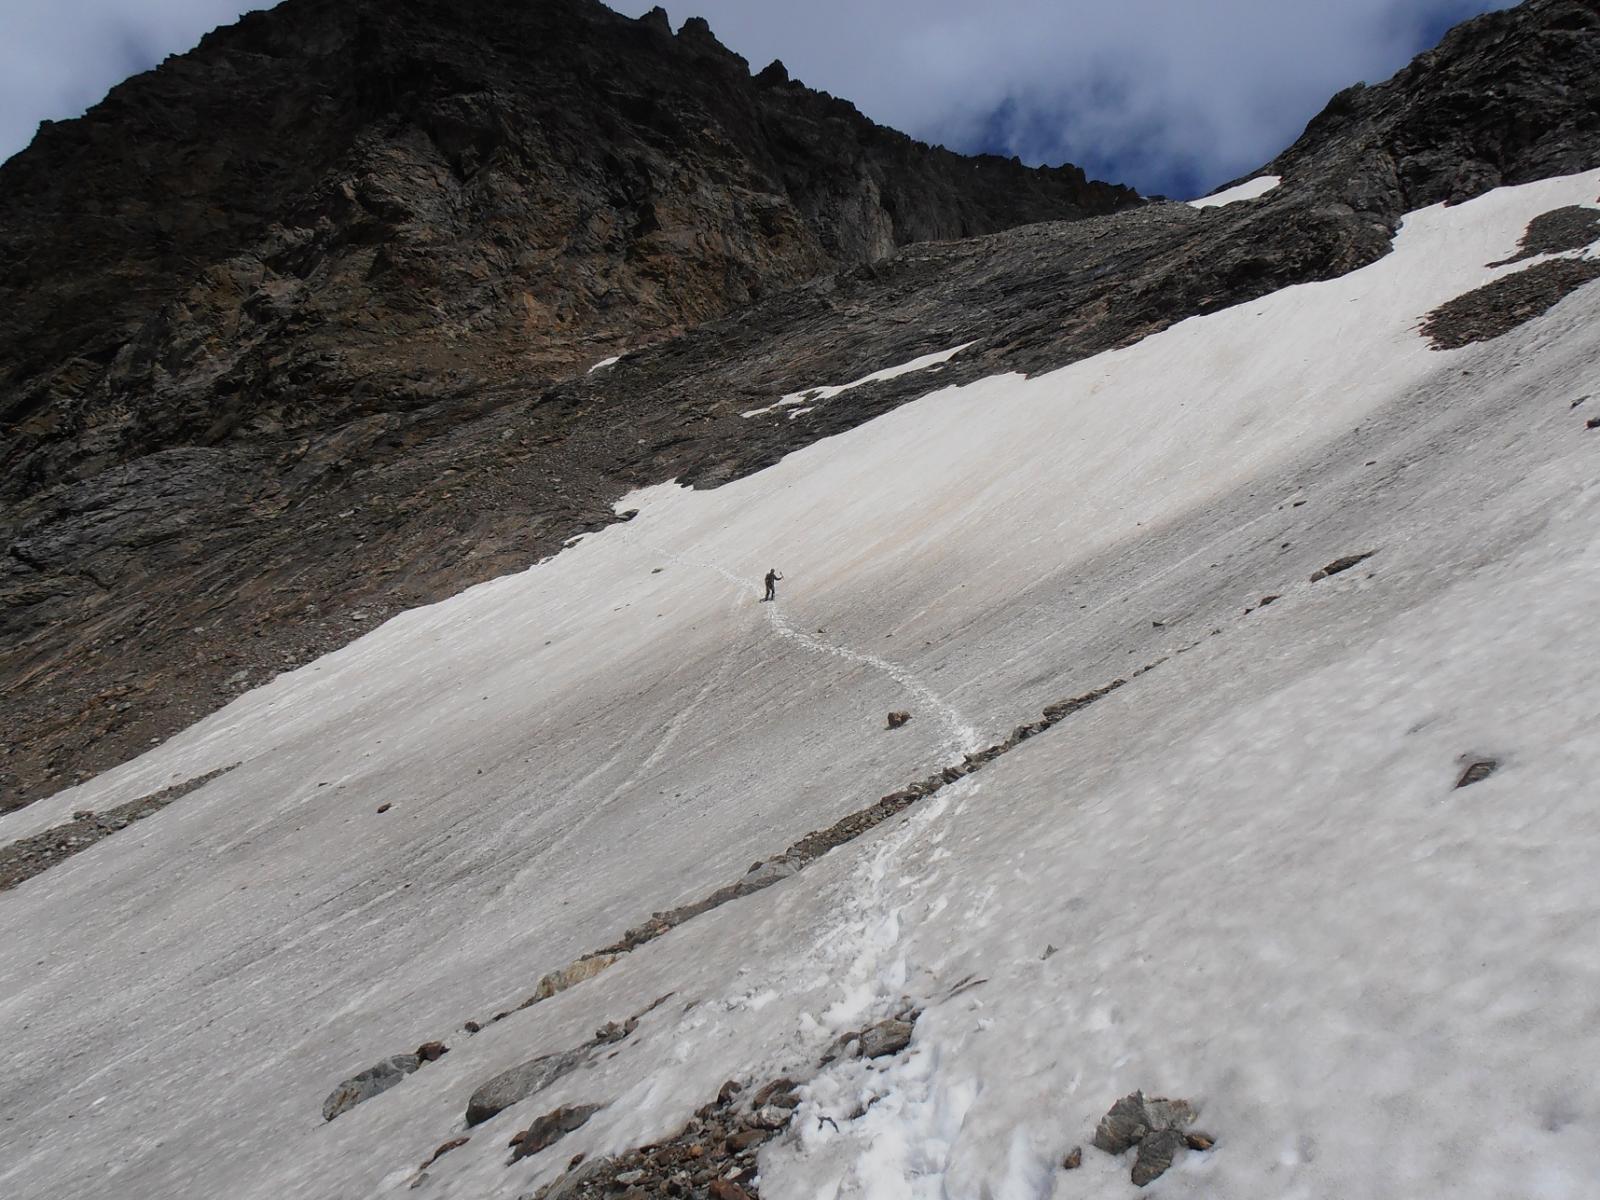 05 - primo nevaio sopra il rifugio Aosta, facile, ma da attraversare con attenzione